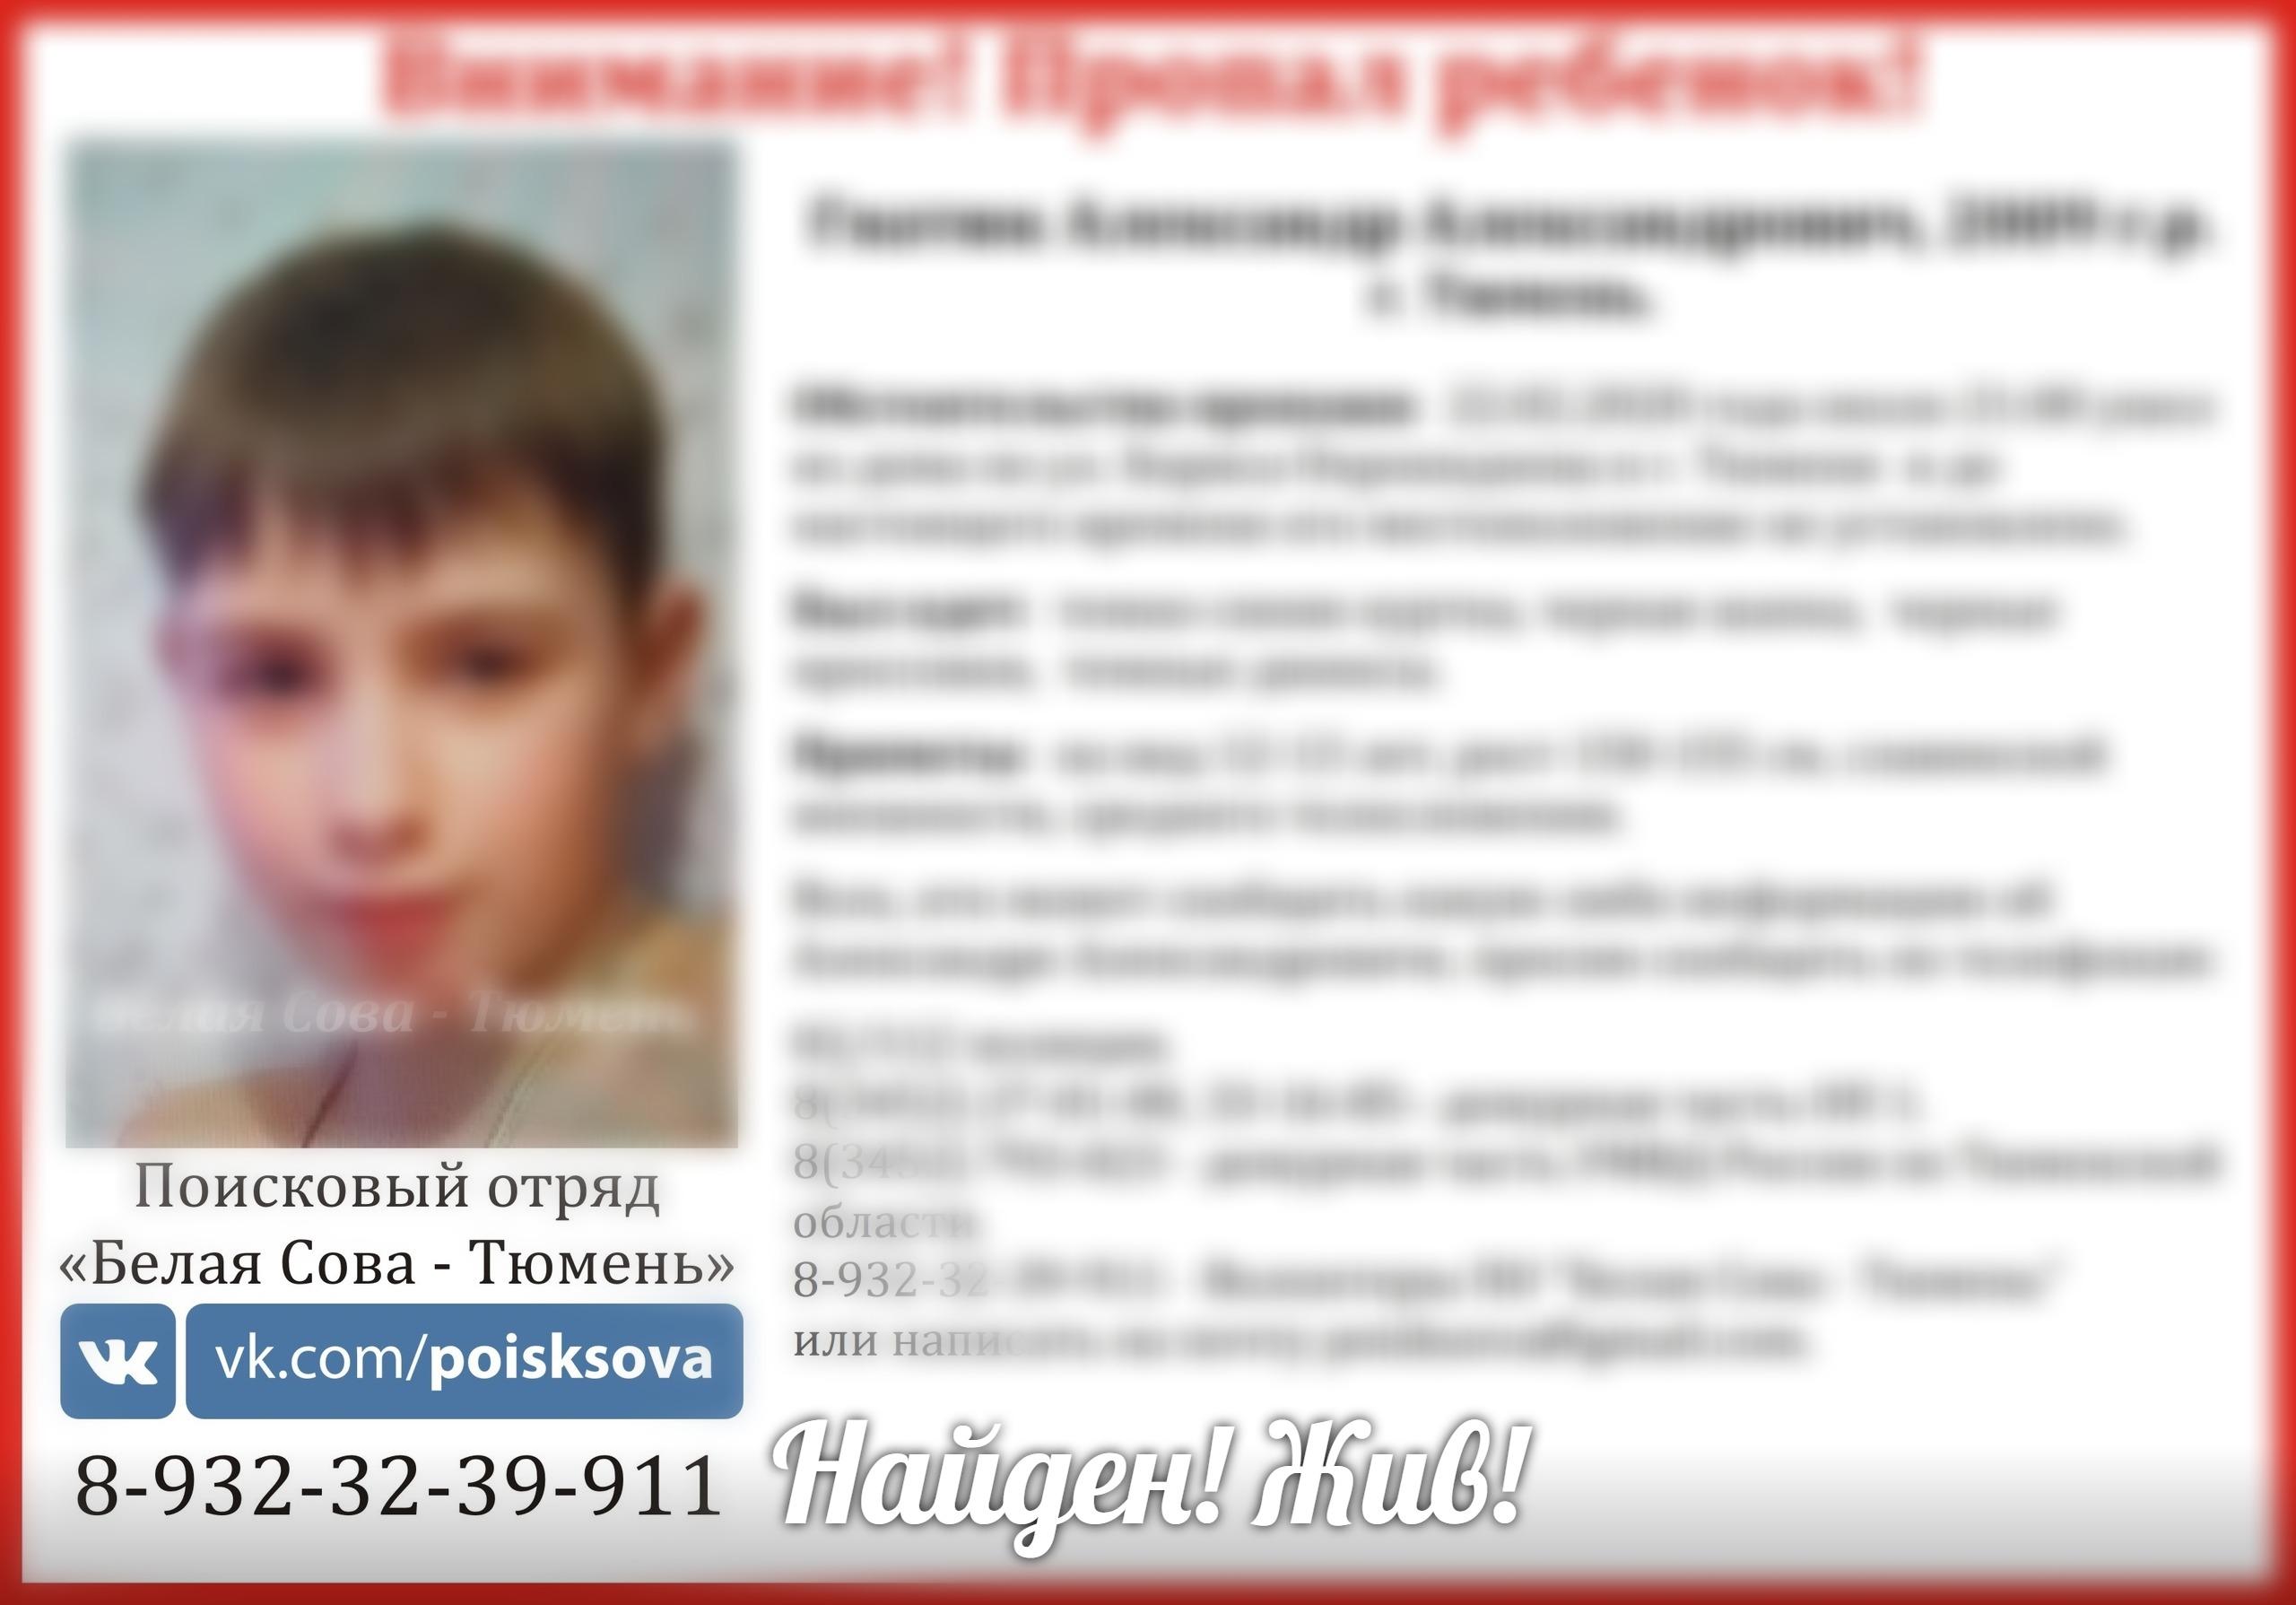 В Тюмени пропал 10-летний мальчик